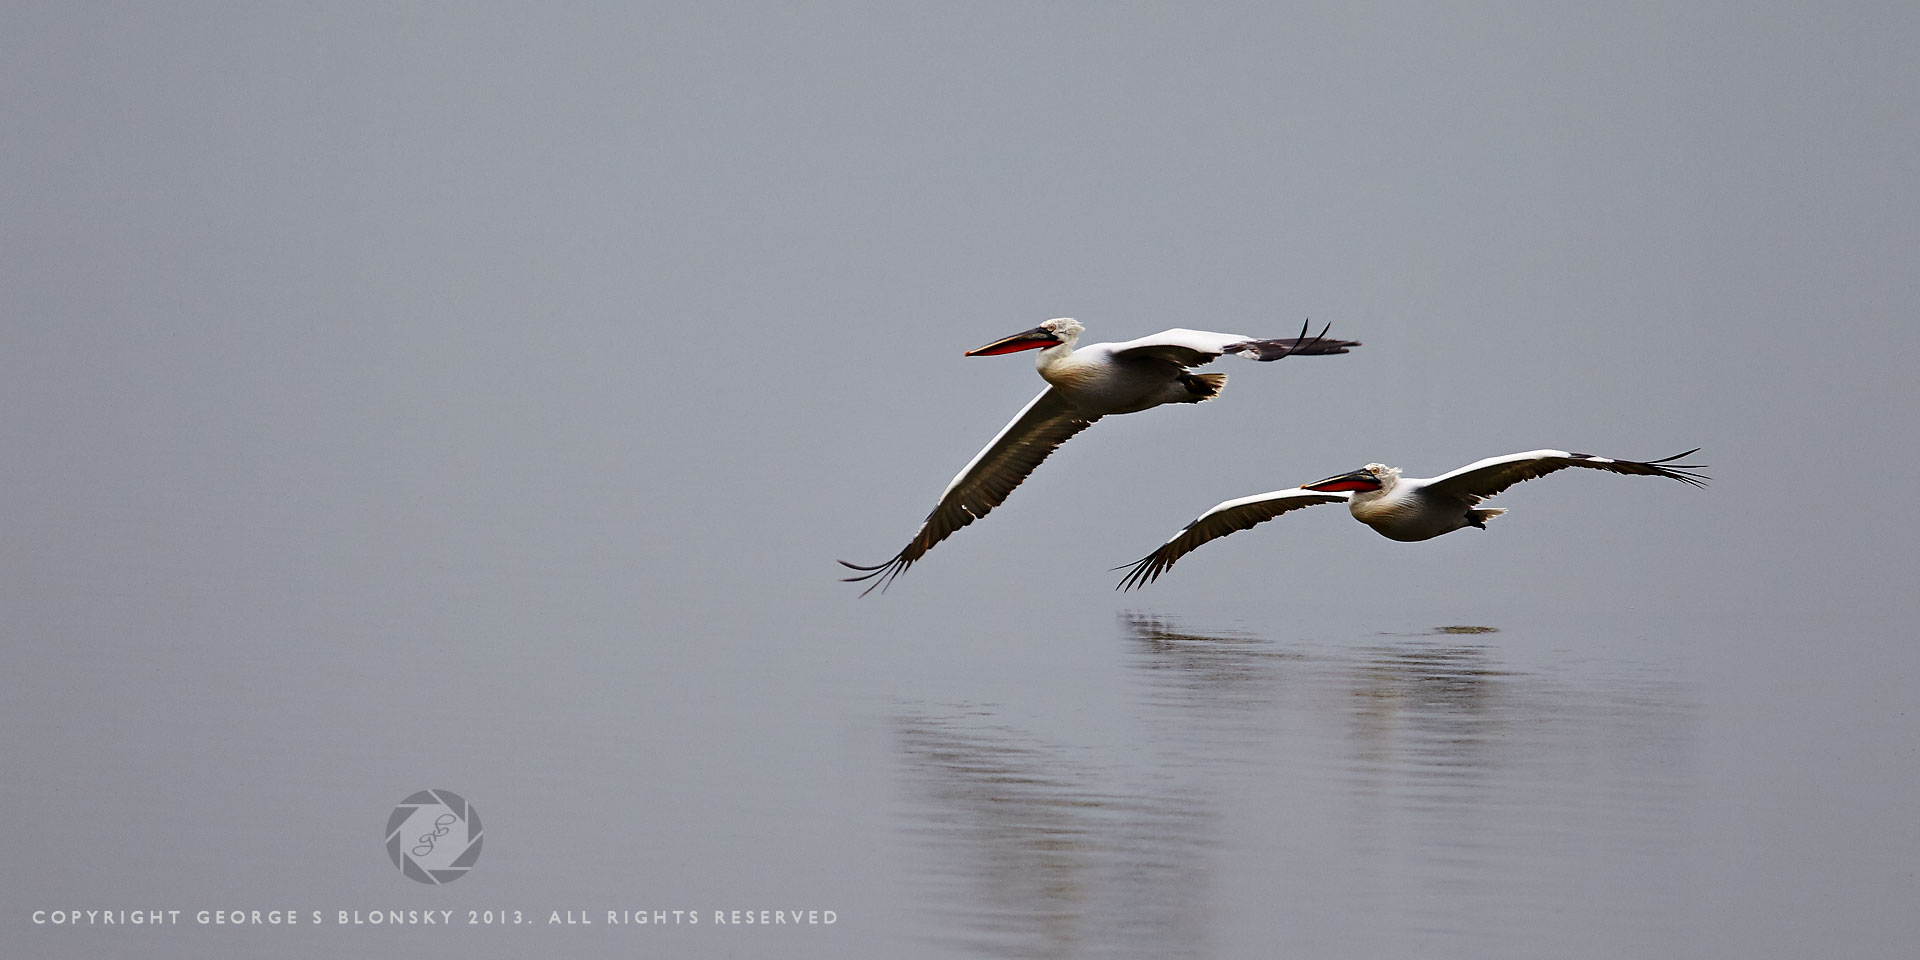 Dalmatian Pelicans gliding flight over Lake Kerkini